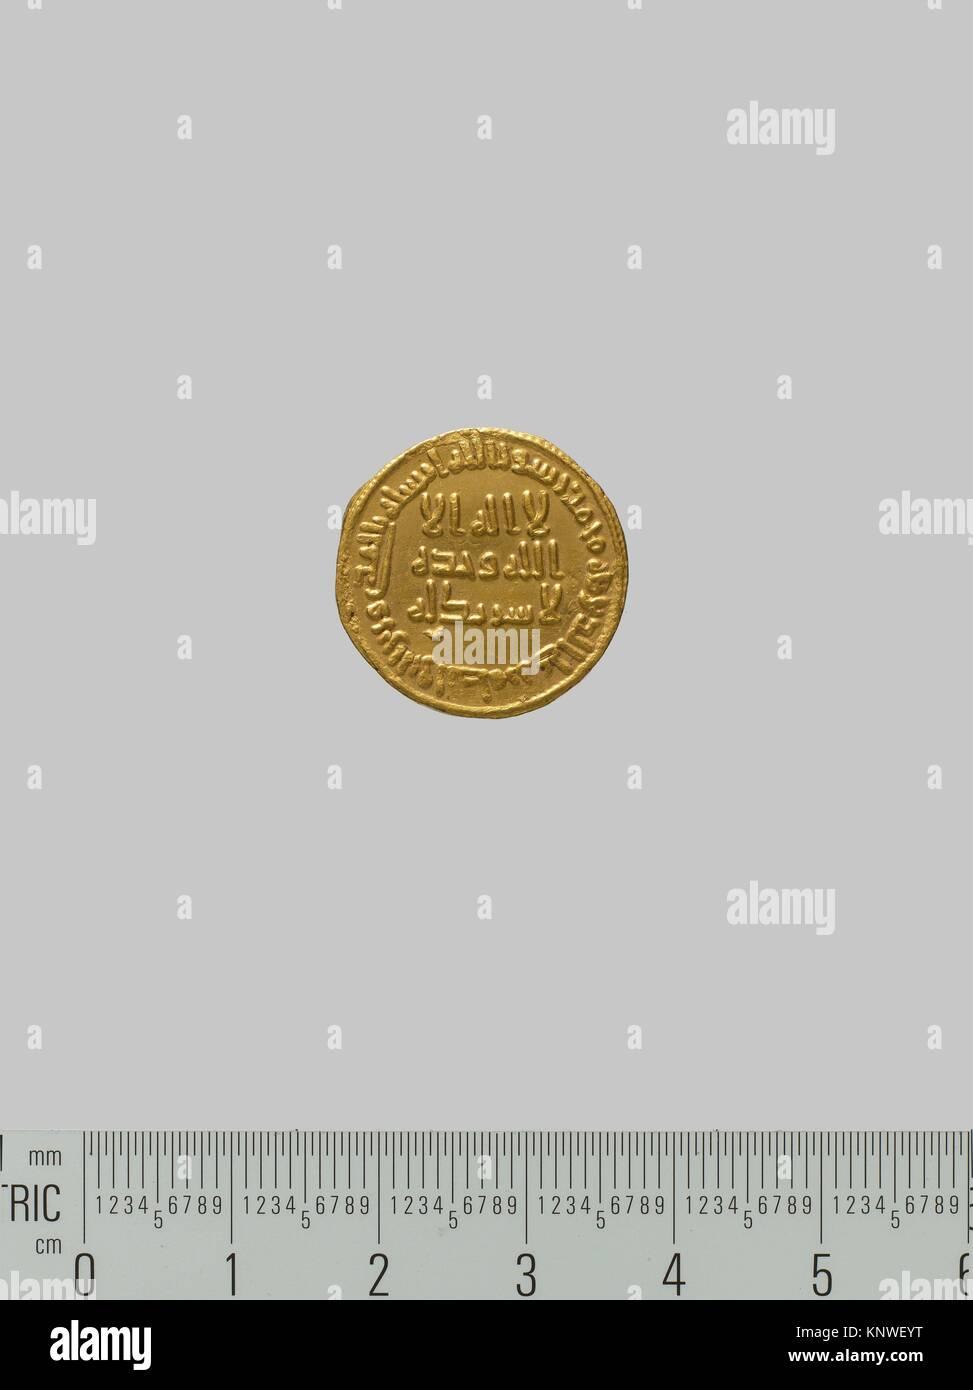 Münze Datum Vom Ah 89ad 707 8 Geographie Im Irak Medium